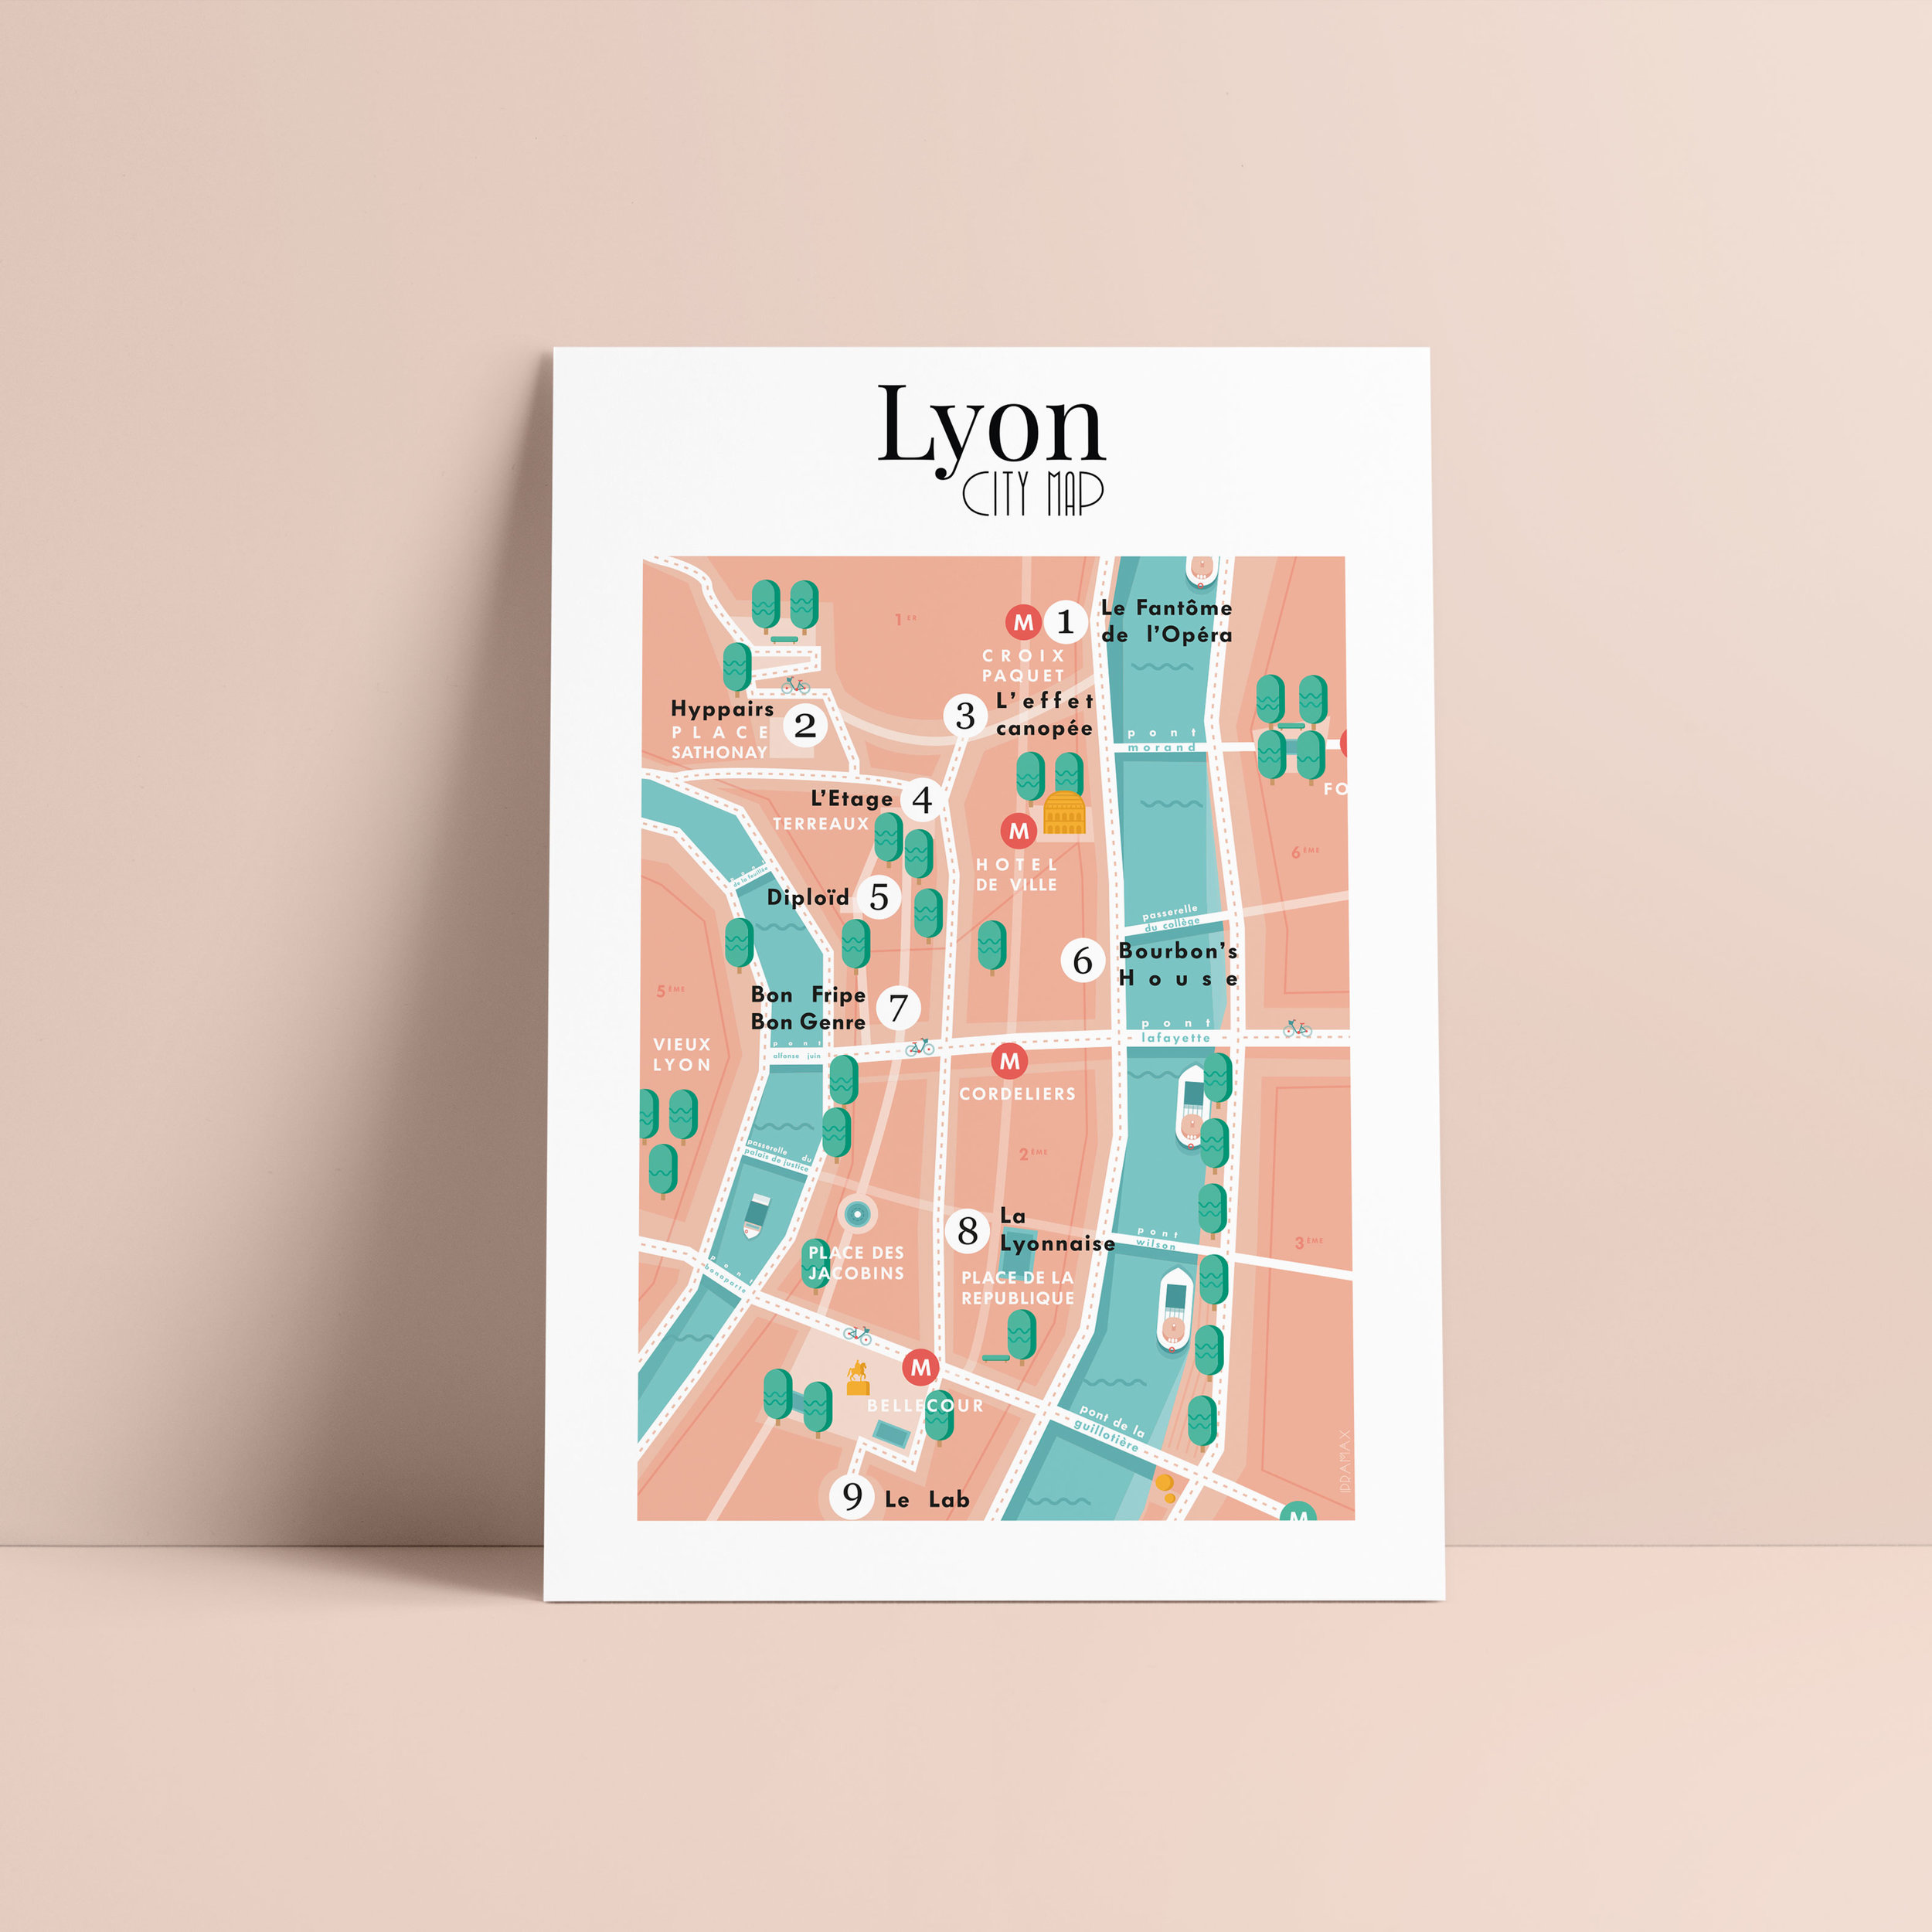 Lyon city Map lancée le 27 Mars 2019. A retrouver dans plusieurs points de la ville de Lyon : hôtels et boutiques.